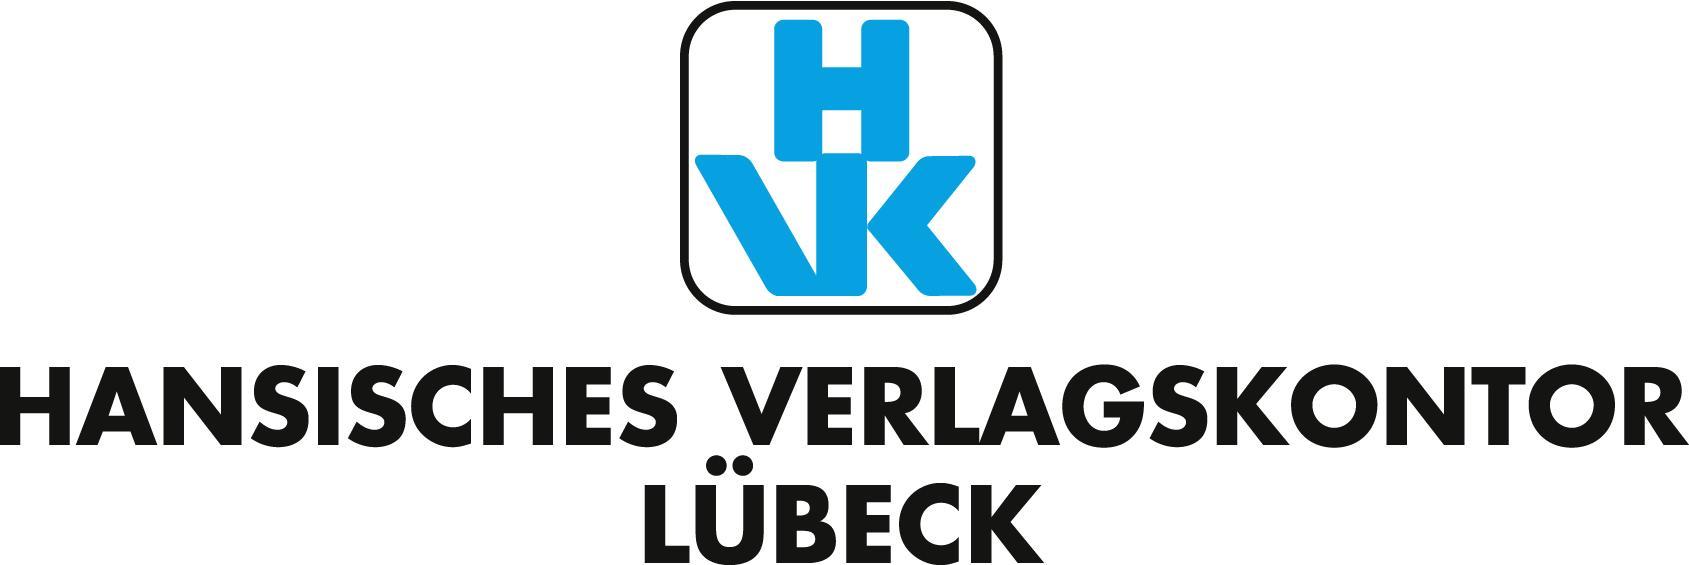 Hansisches Verlagskontor GmbH